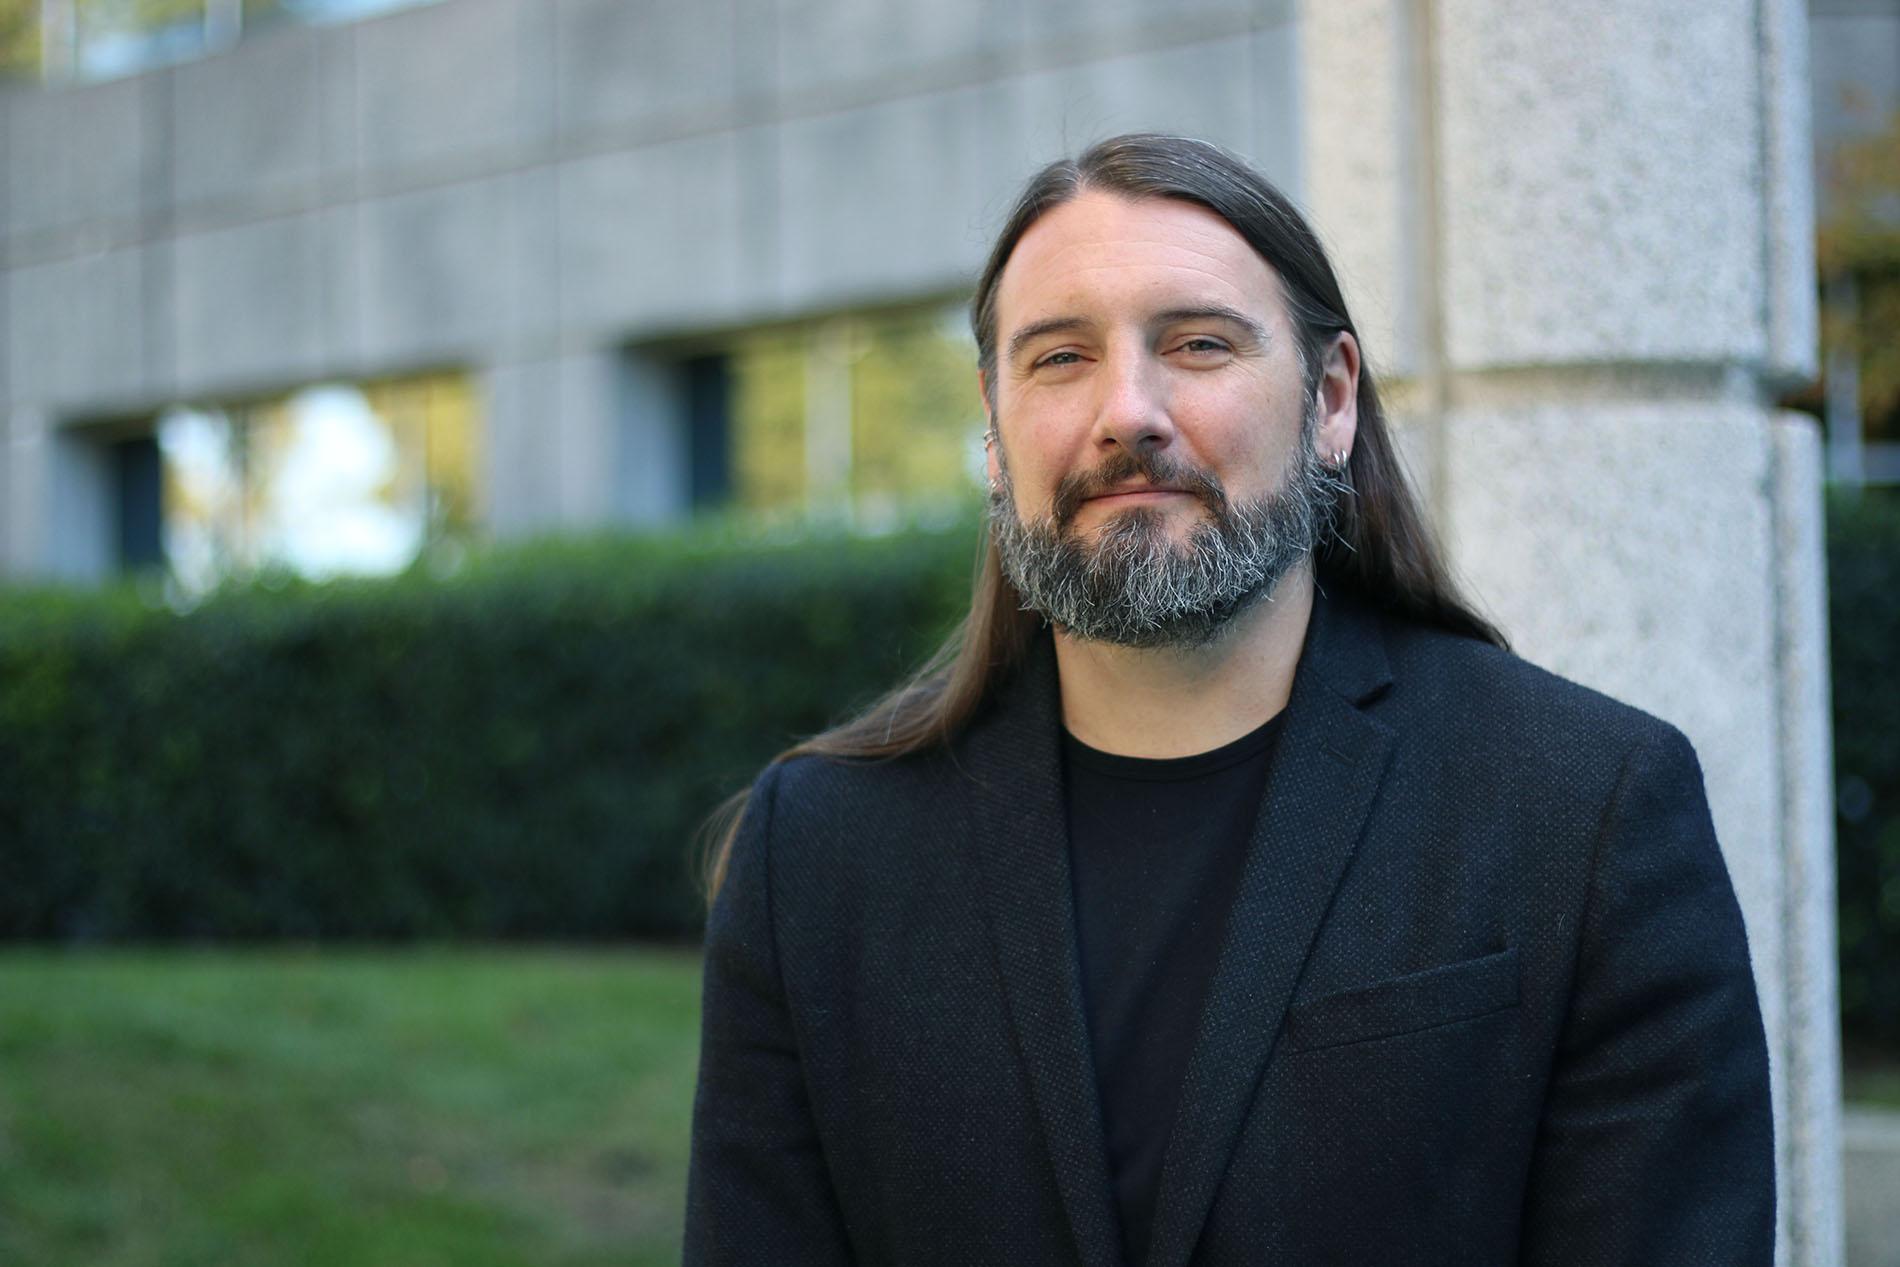 Jason Coposky